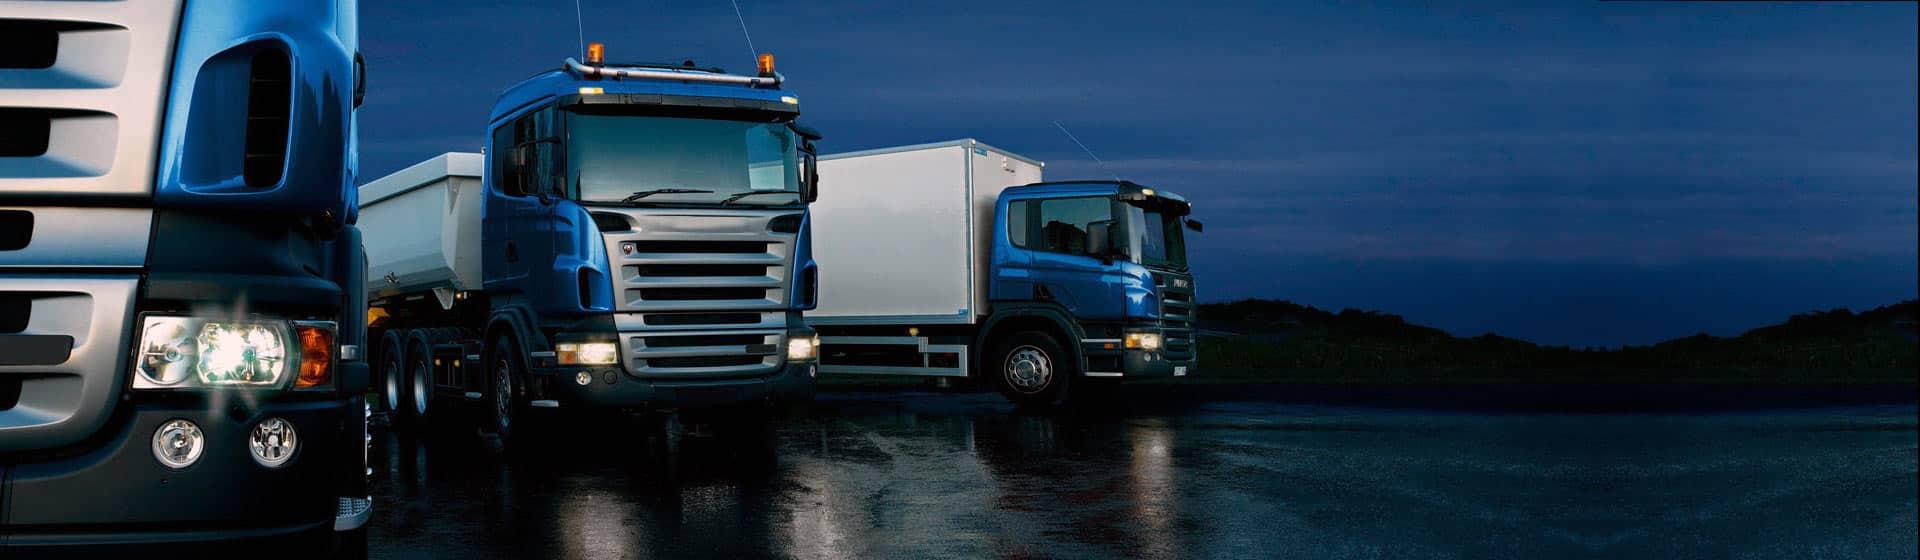 gestion-de-flotte-de-vehicules